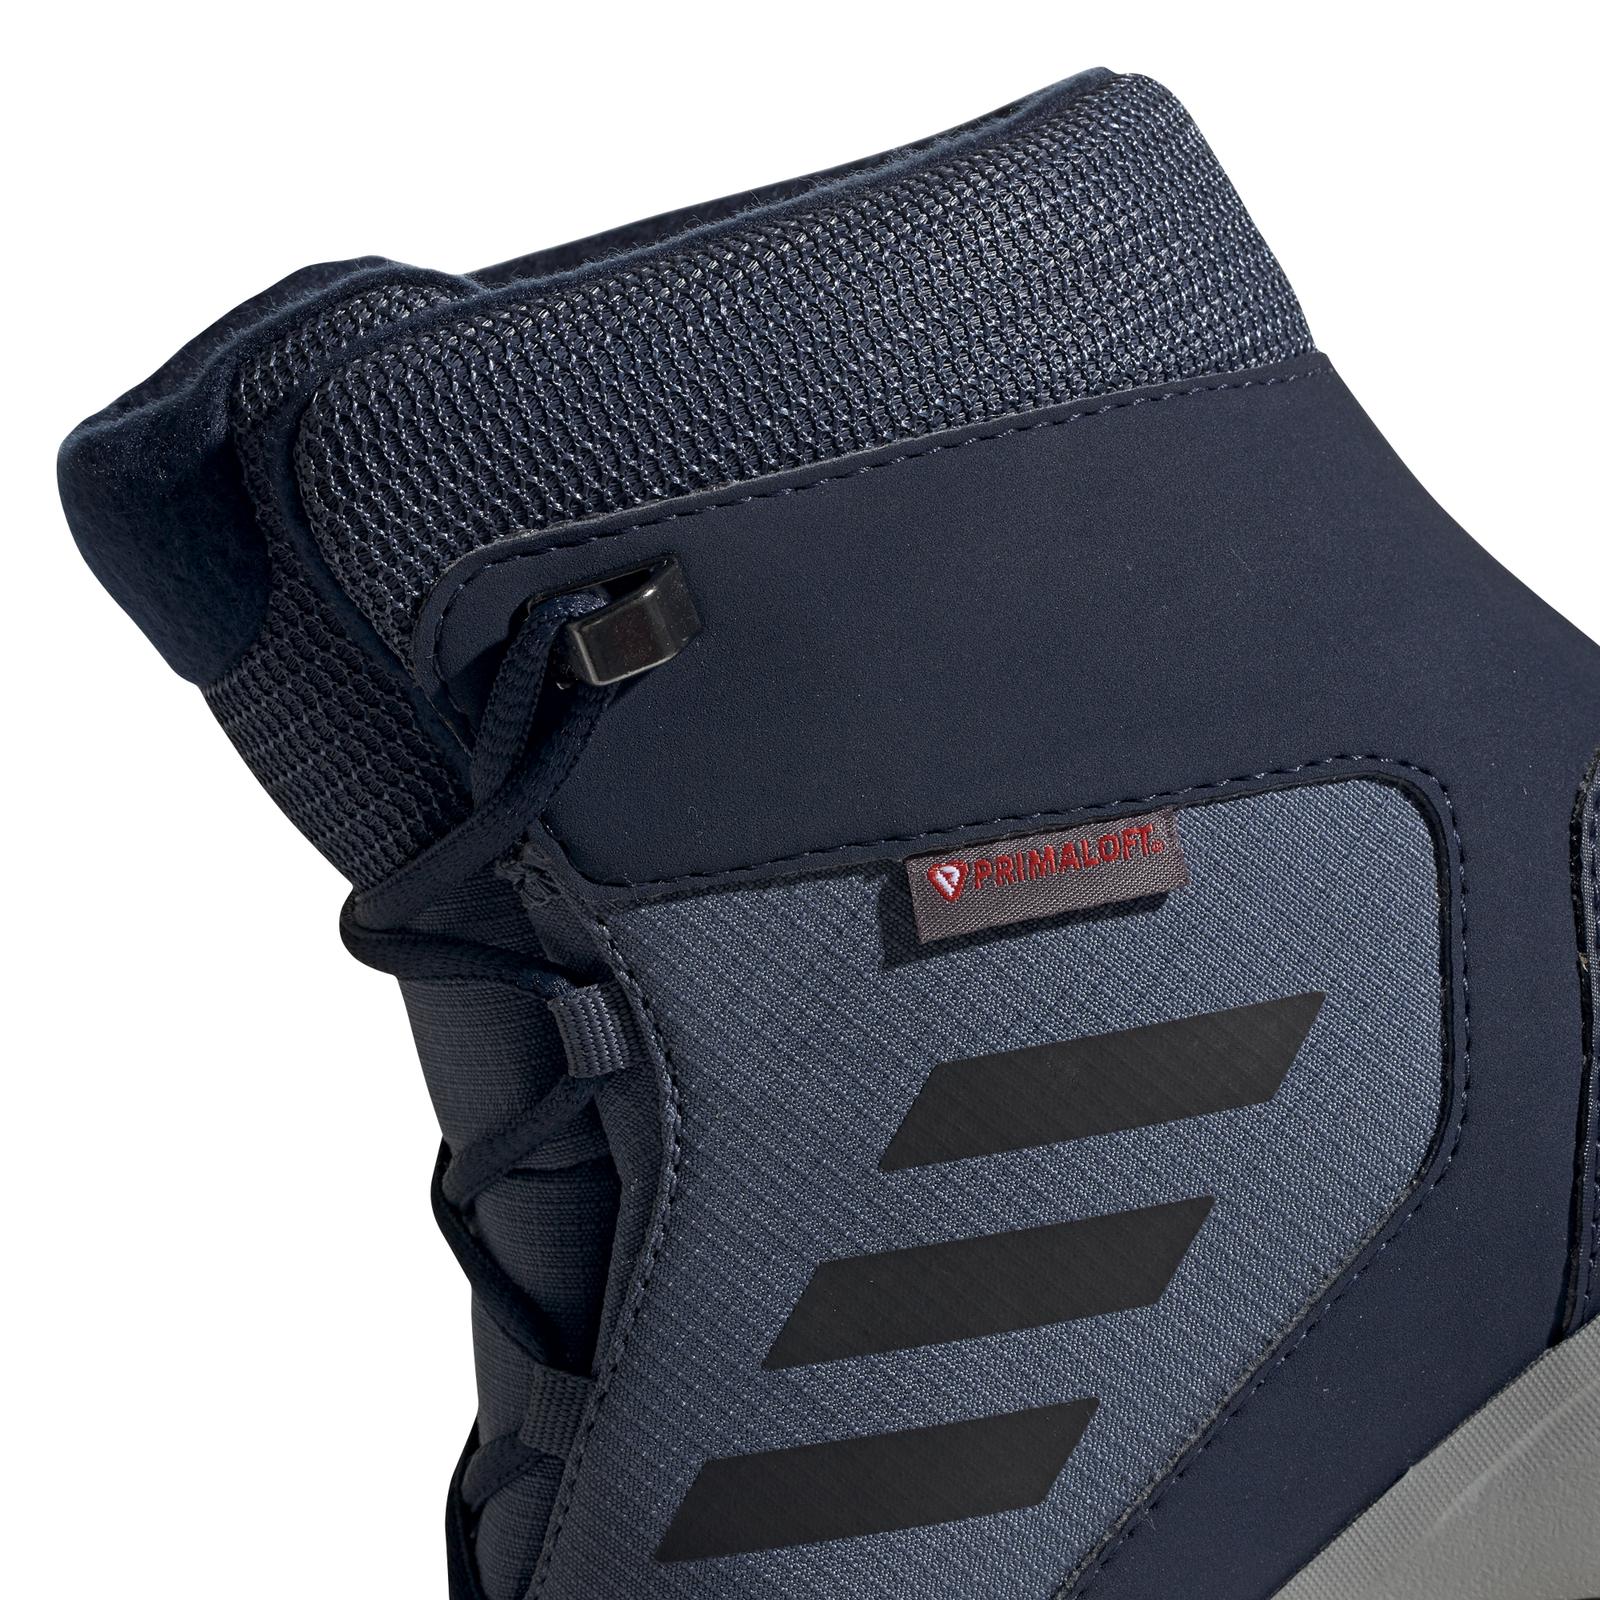 Detalles de Adidas niños jóvenes invierno outdoor zapato Terrex snow CF CP CW K azul negro ver título original